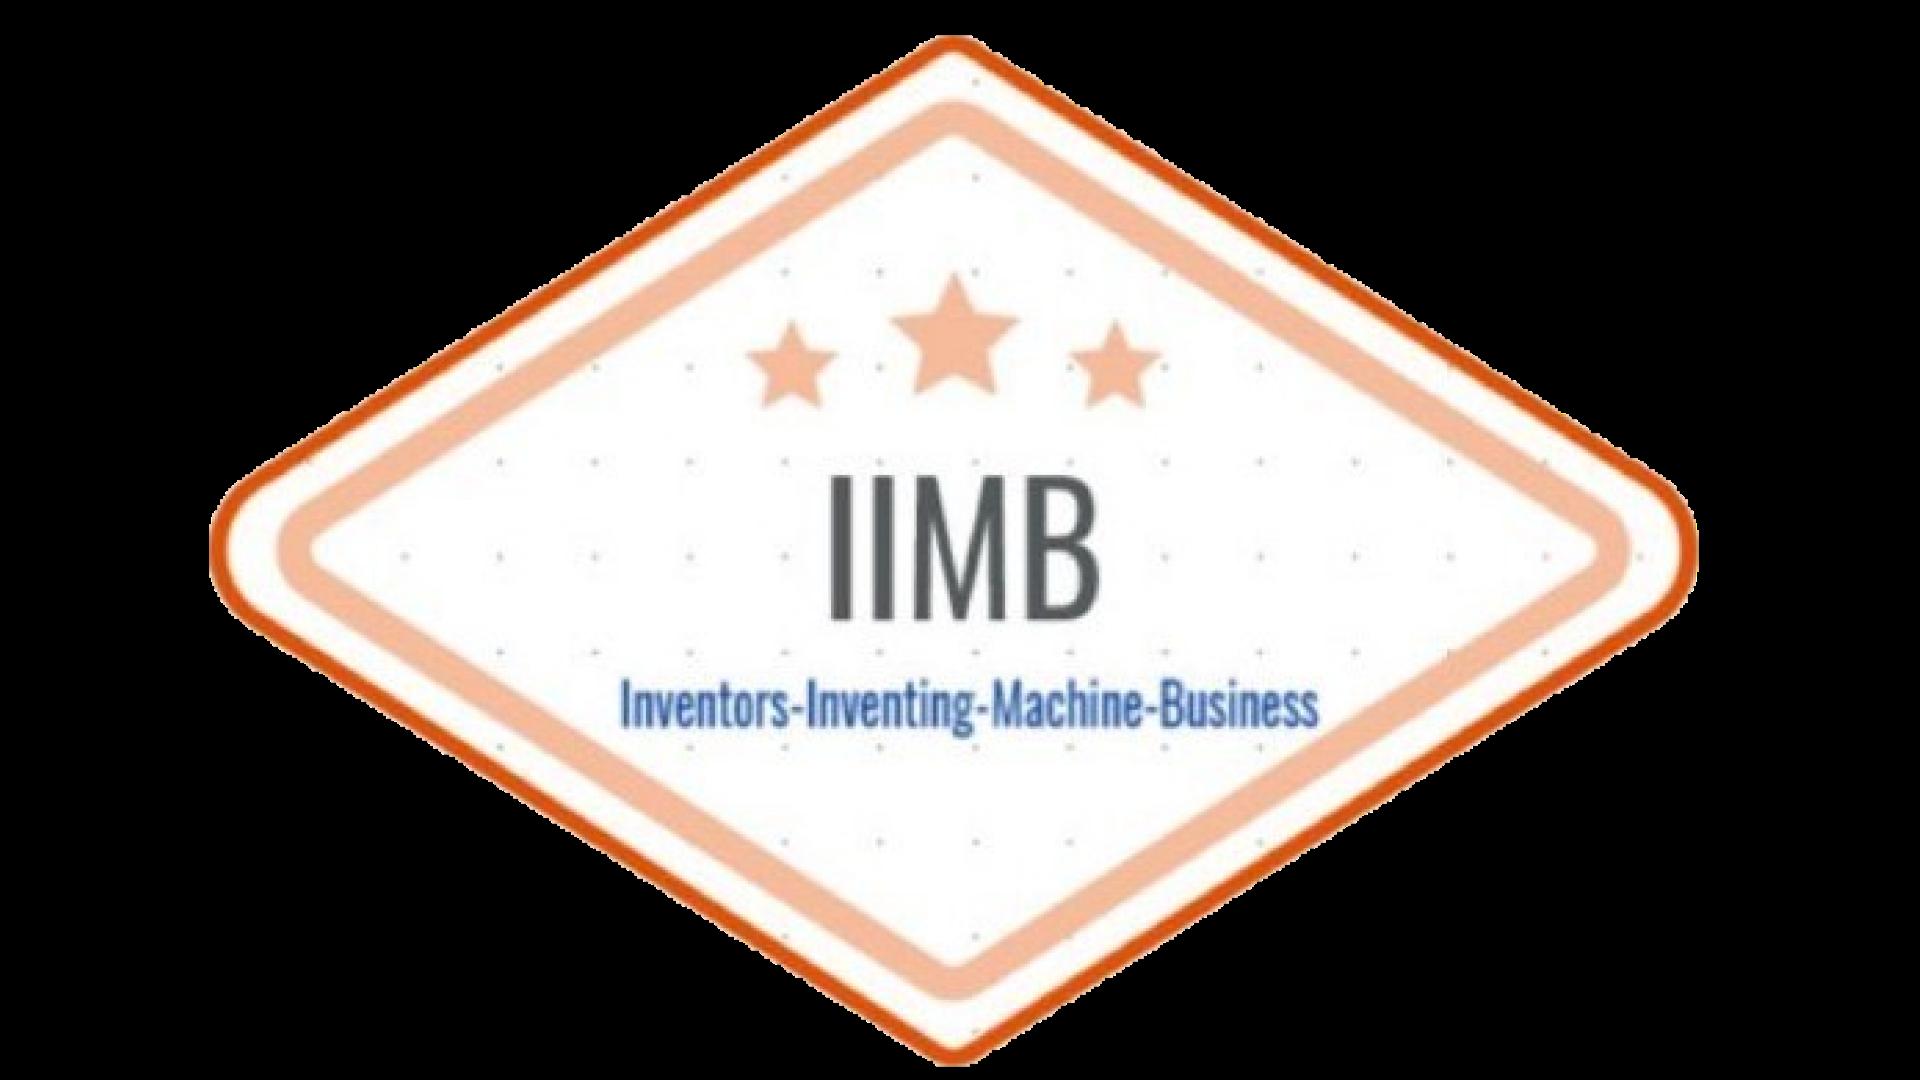 IIMB Logo